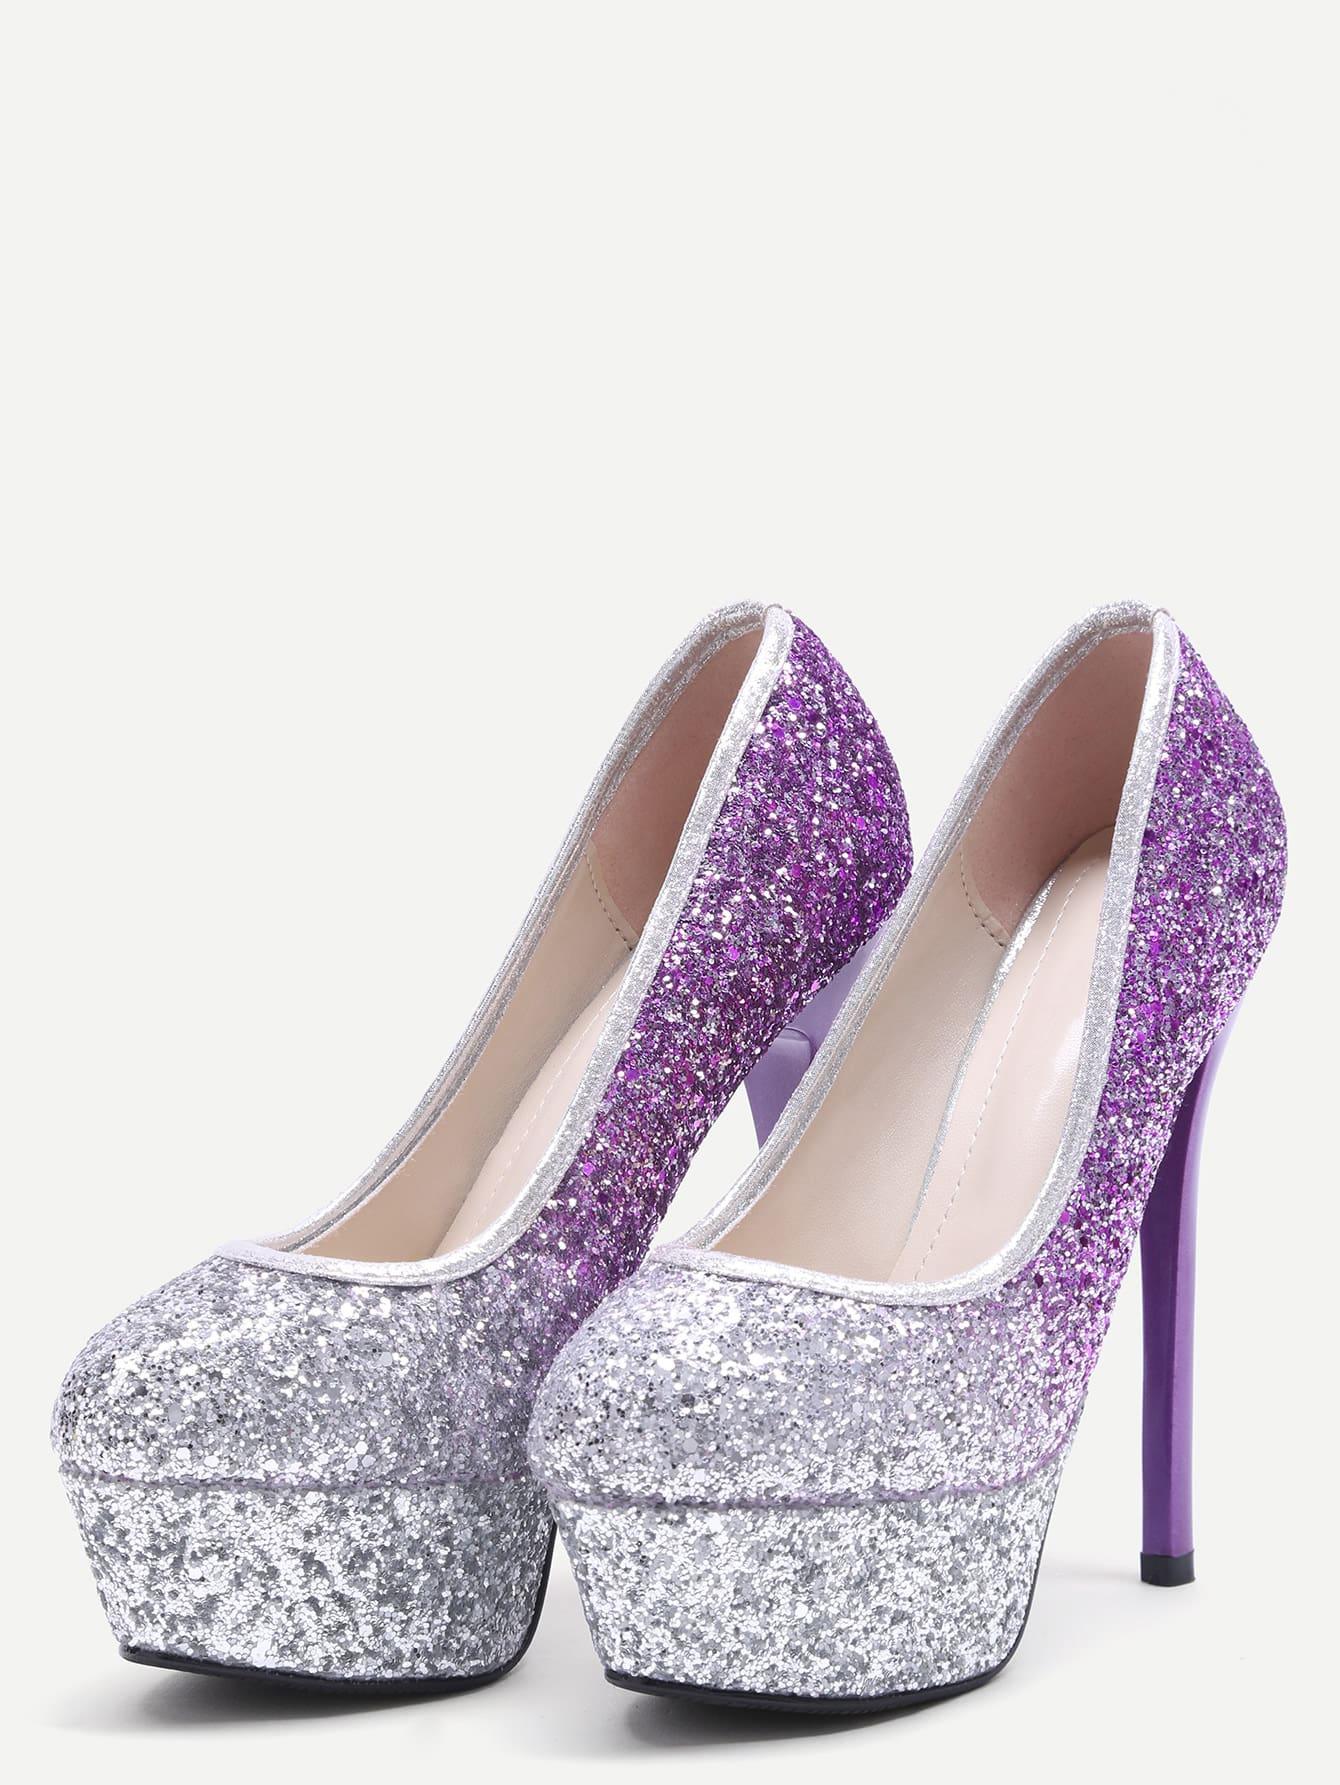 shoes161207808_2